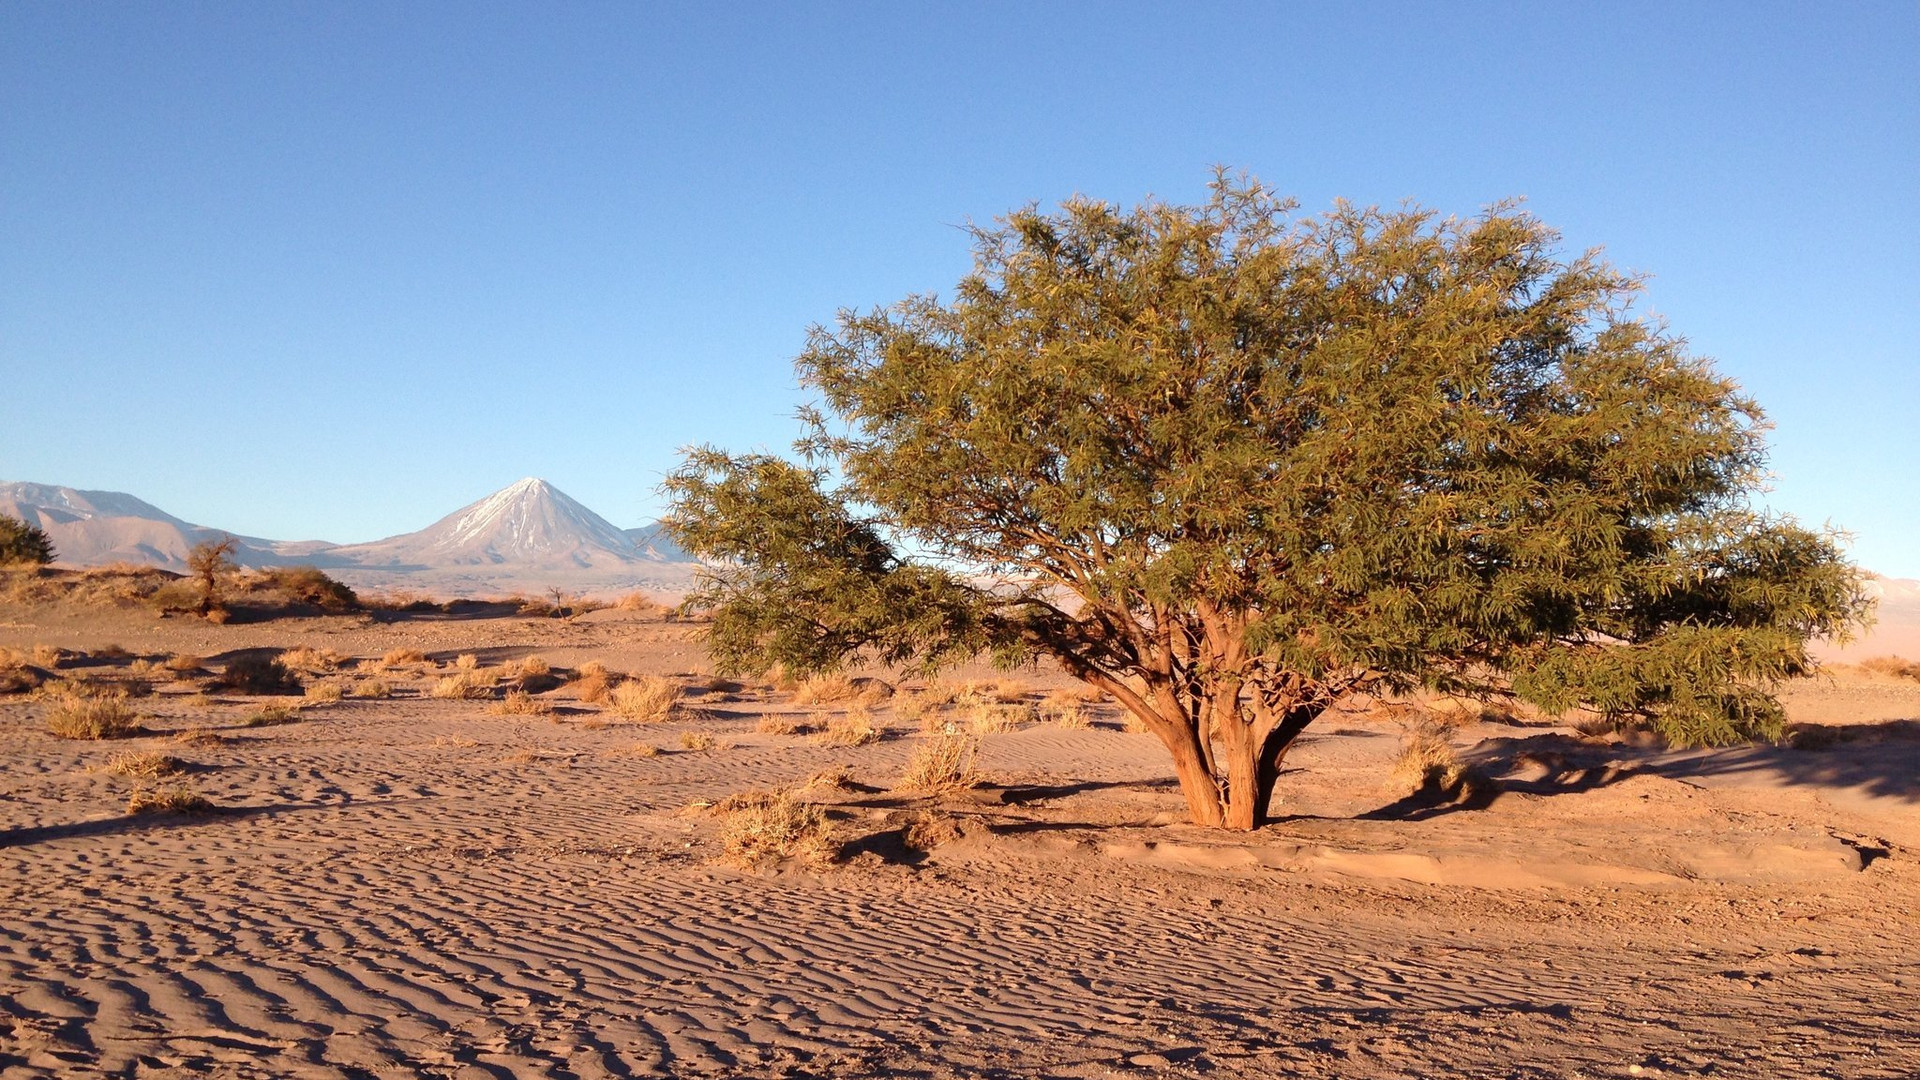 nytimes-desert-01.jpg